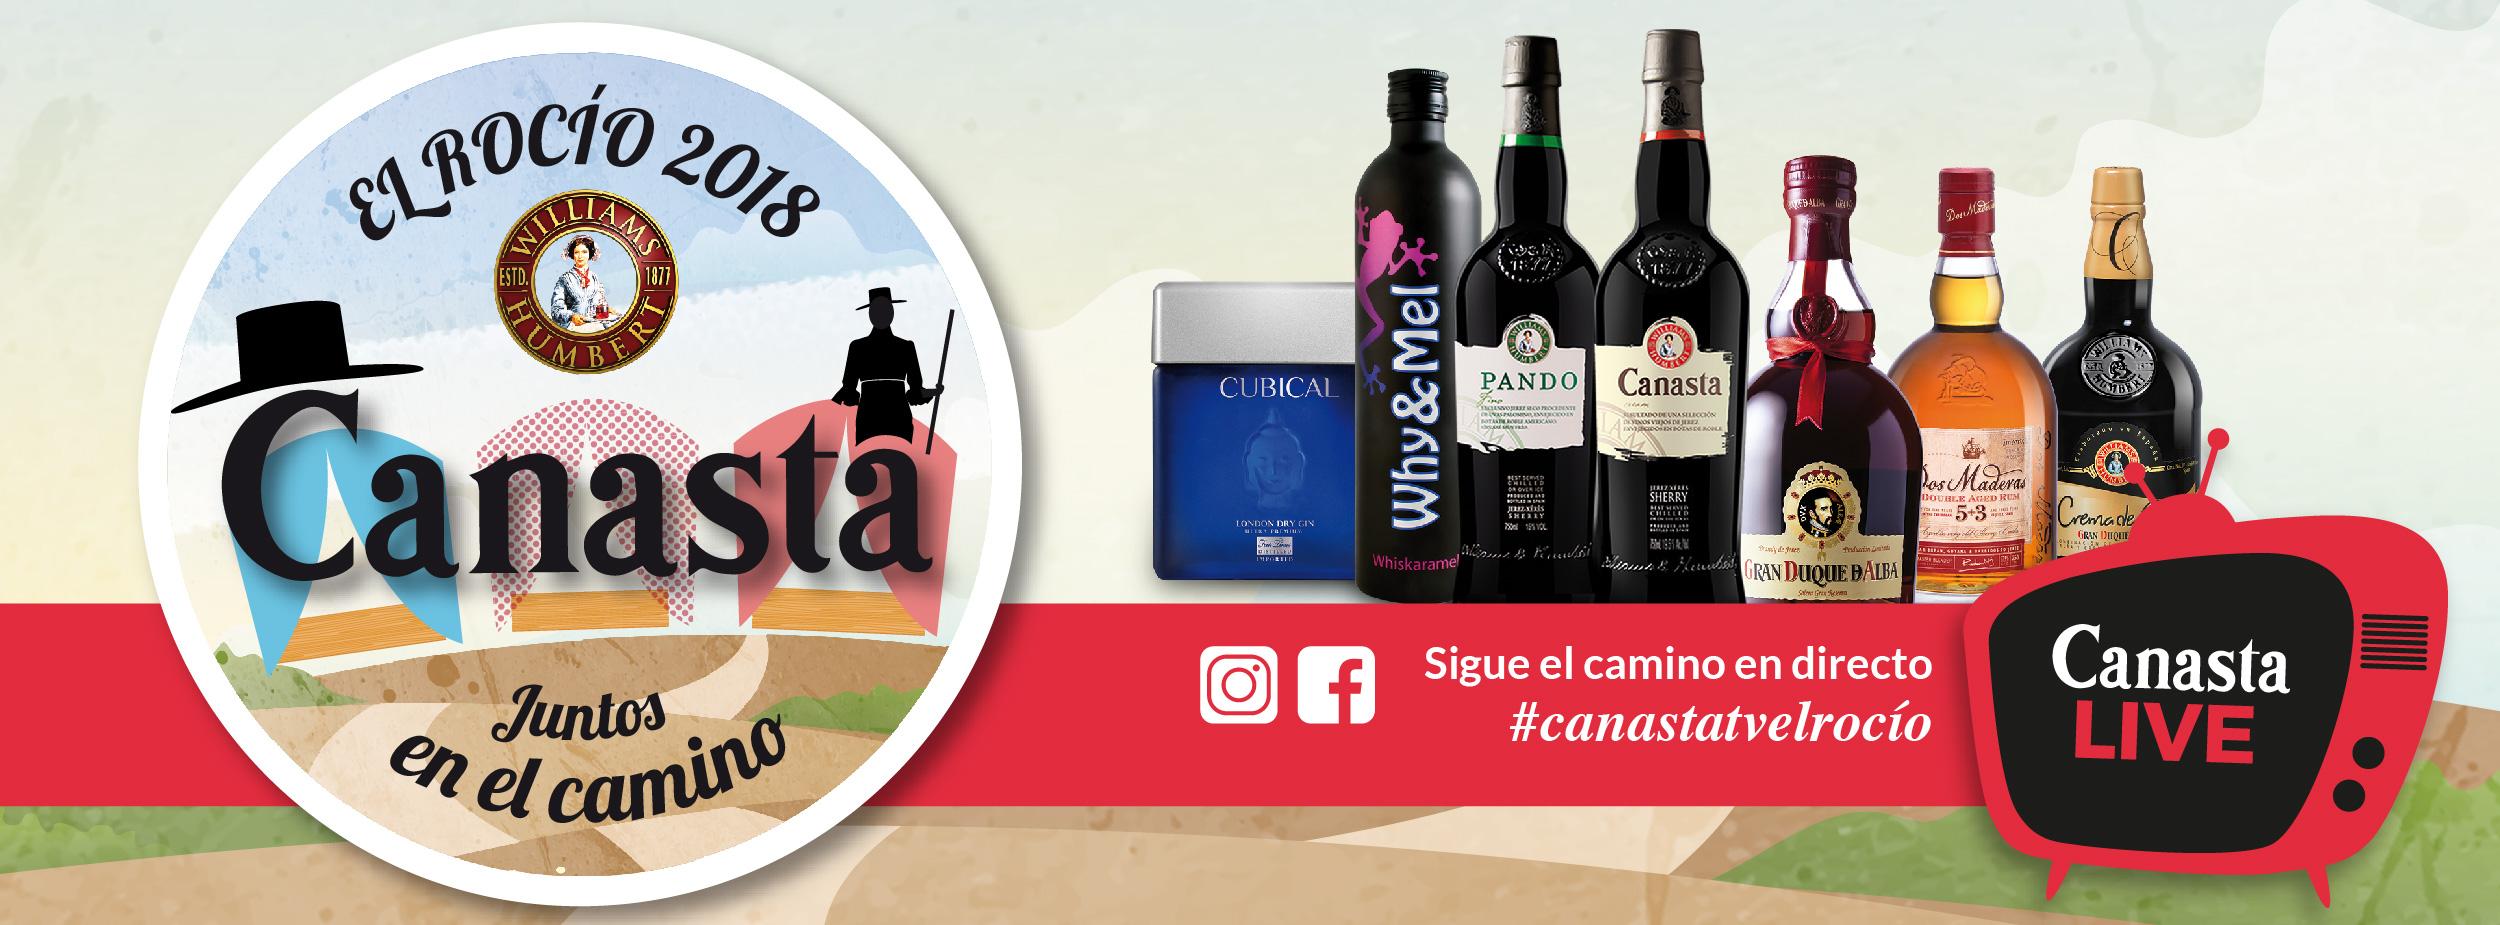 Aplicacion Y Ads Rocio Canasta3 Facebook Ads